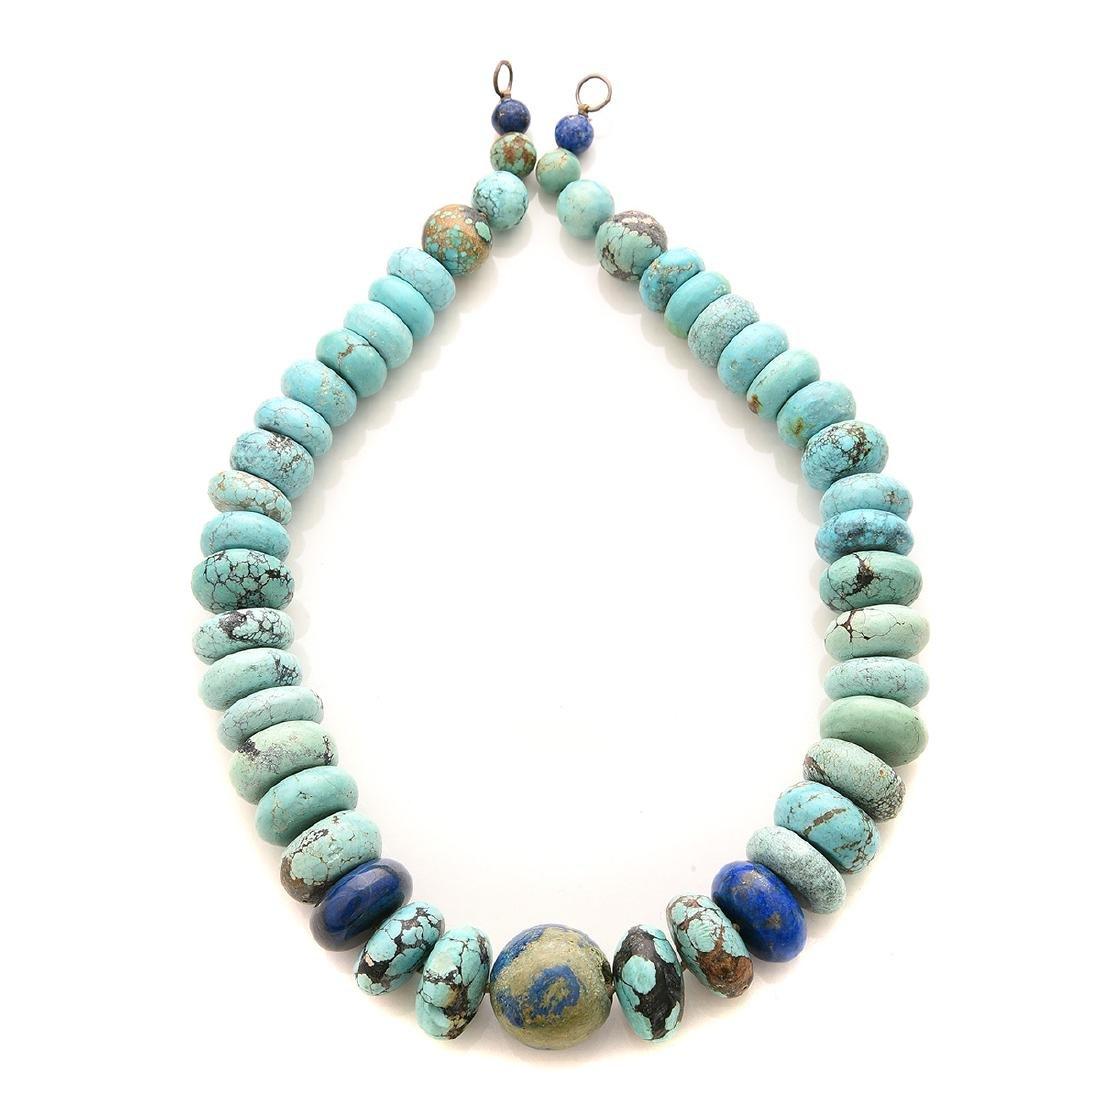 Turquoise, Lapis Lazuli, White Metal Necklace.